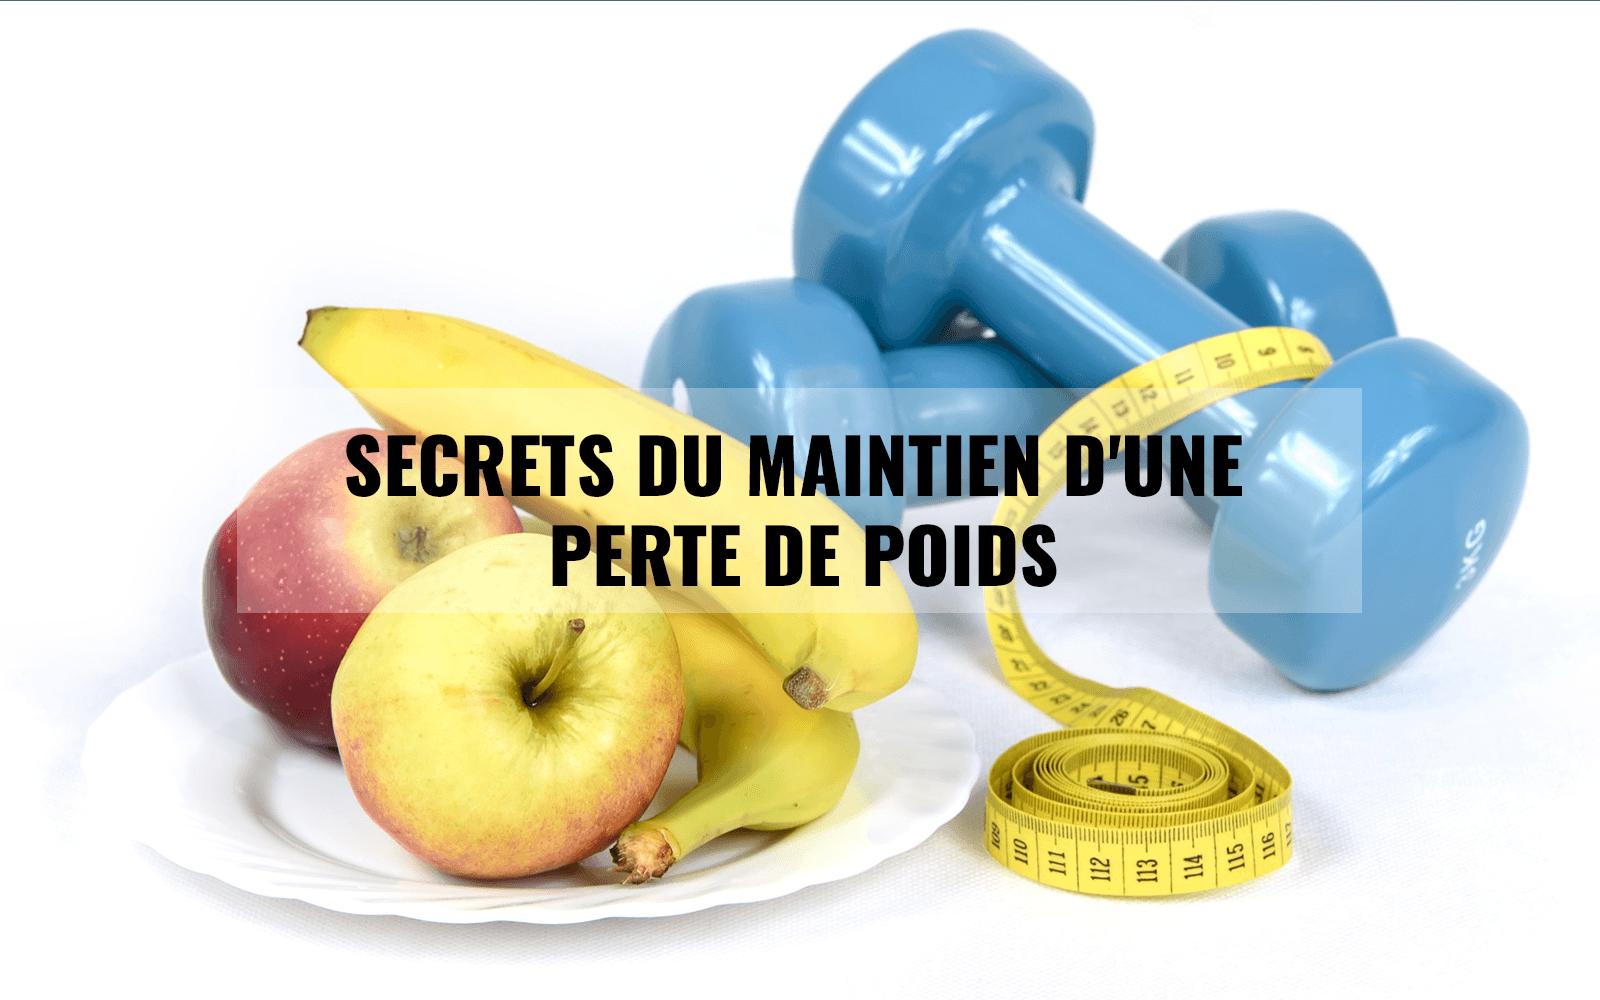 Secrets du maintien d'une perte de poids